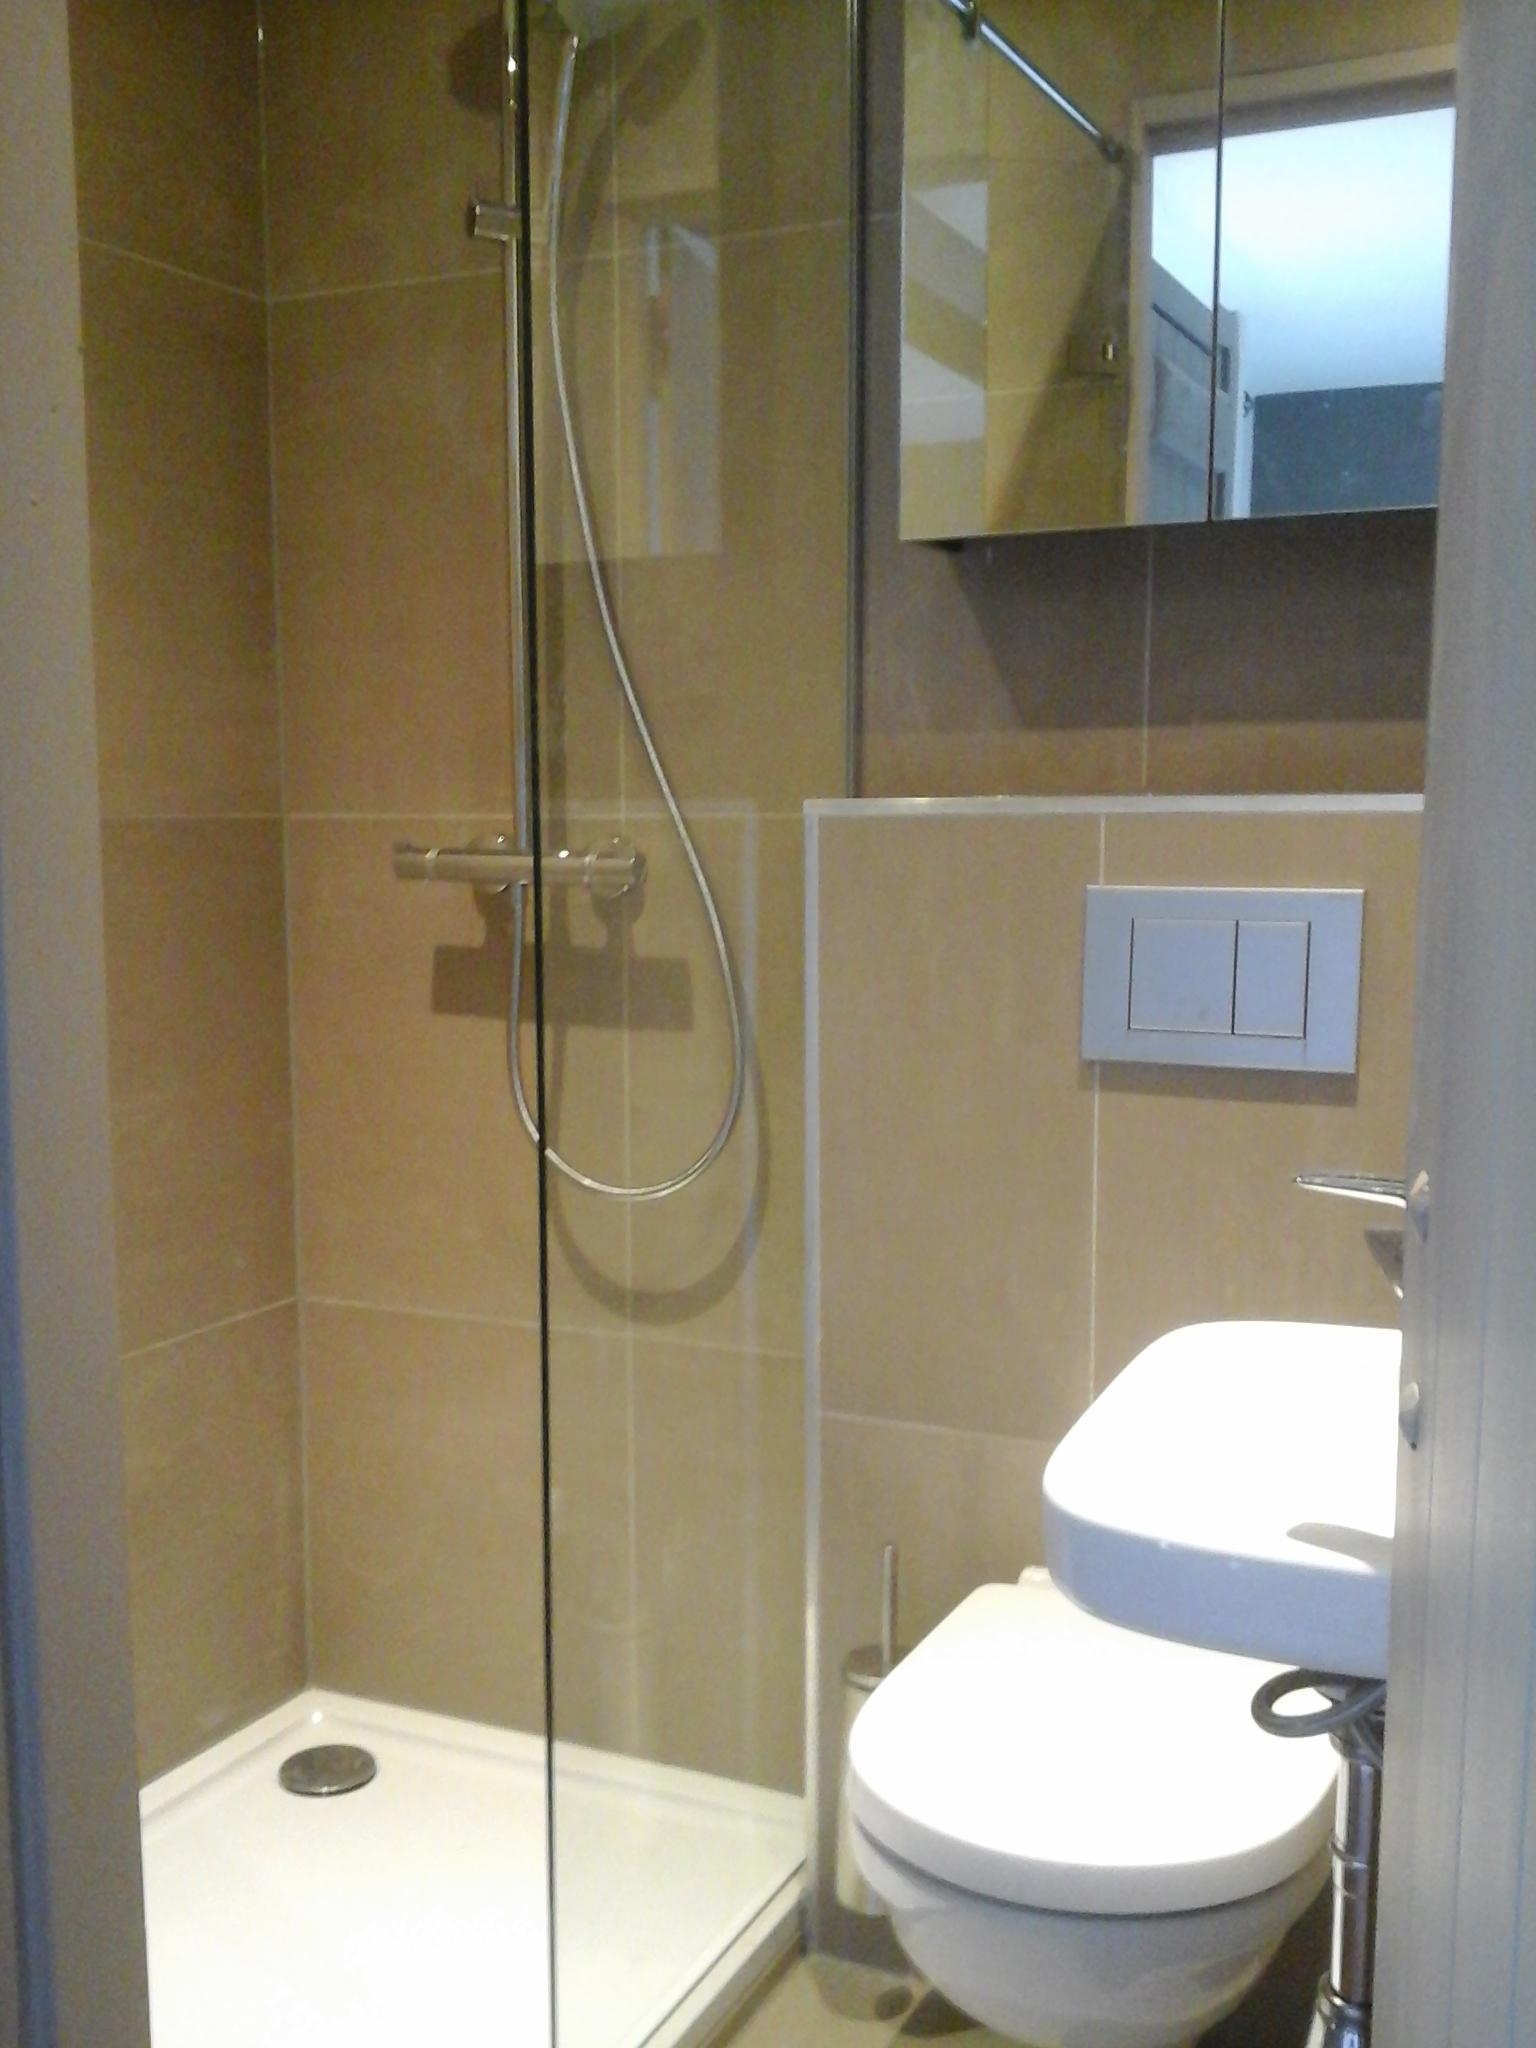 Foto 39 s gerealiseerde projecten door rmk totaalonderhoud leemstuc flevoland - Kleine badkamer met douche ...